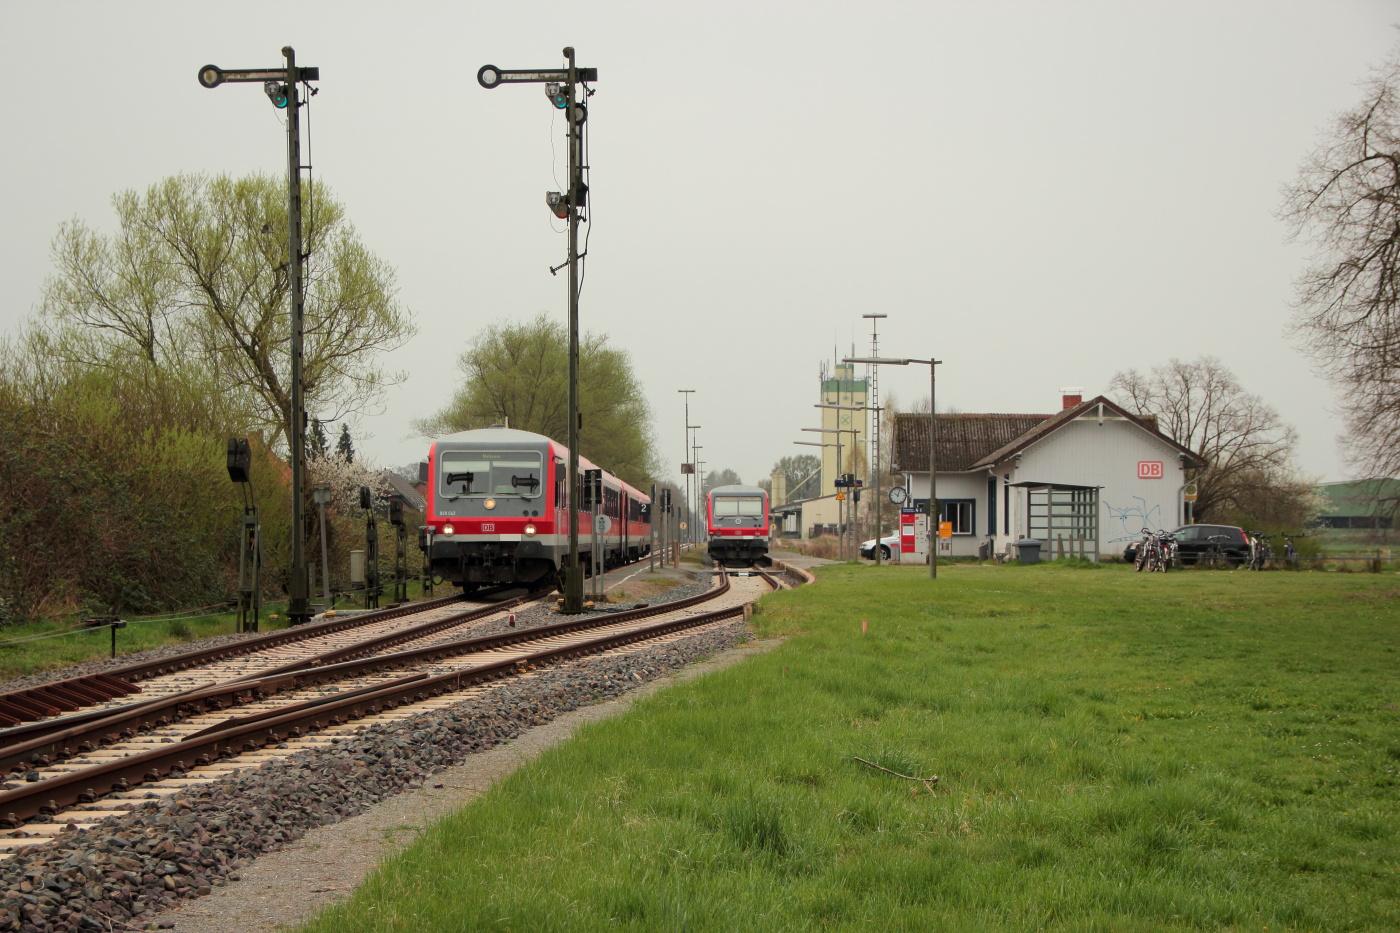 http://www.nachtbahner.de/Fotos/2014-04-05%20M%c3%bchlenbahn/k-IMG_2566%20KBS%20115%20M%c3%bchlenbahn%2005.04.14%20(7).JPG